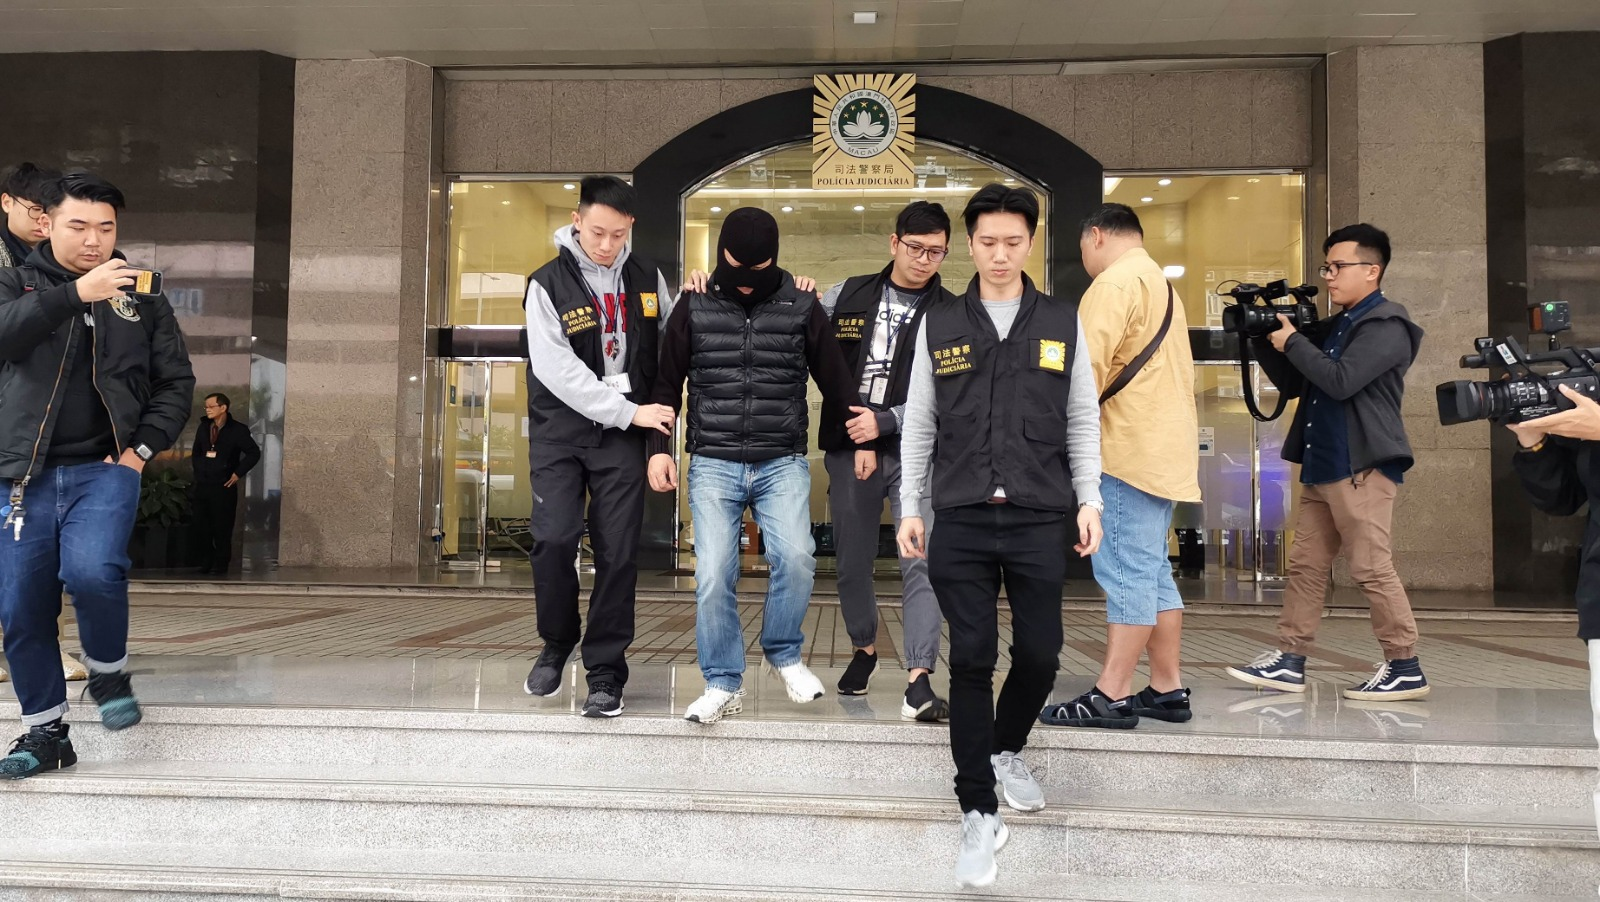 一名50岁报称房地产职员的姓刘男子,涉洗黑钱于澳门被捕。